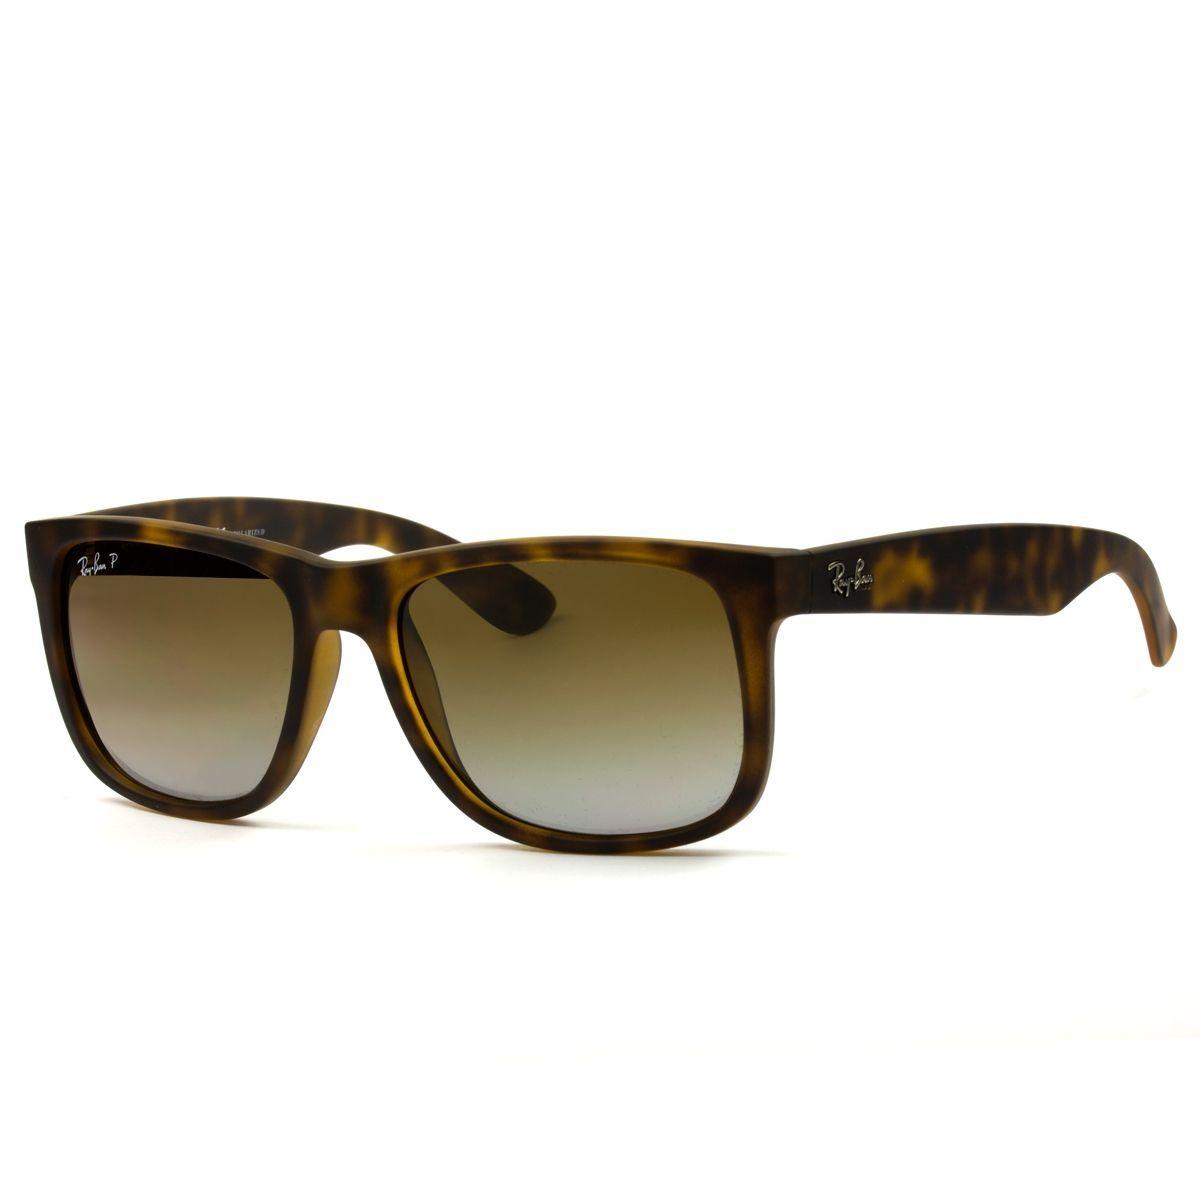 Óculos de Sol Ray Ban   Óculos de Sol Ray Ban Justin RB4165L-865 T5 55 43888567d5